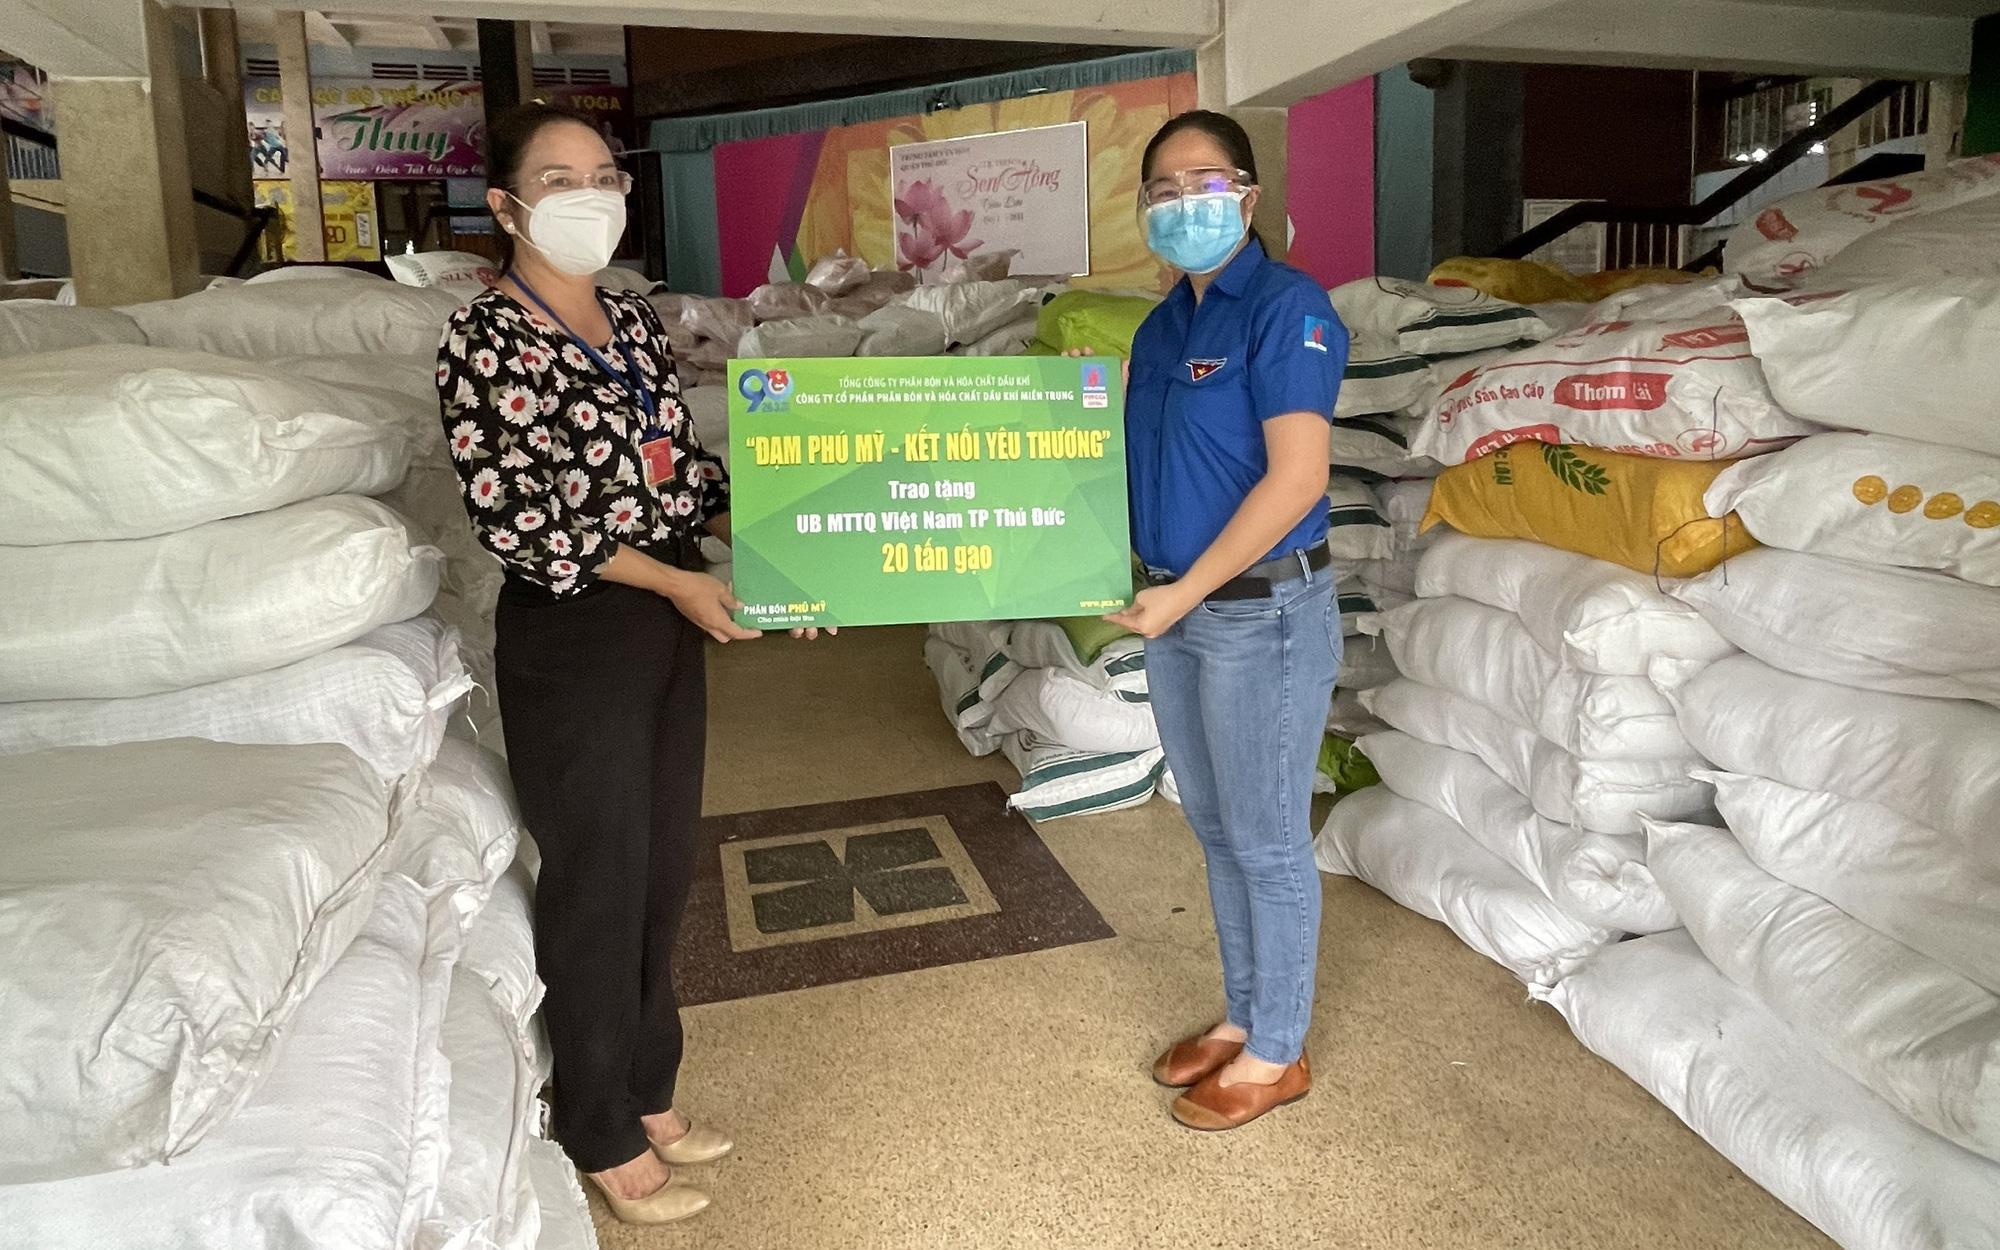 Nỗ lực và tấm lòng của người lao động PVFCCo trong đại dịch